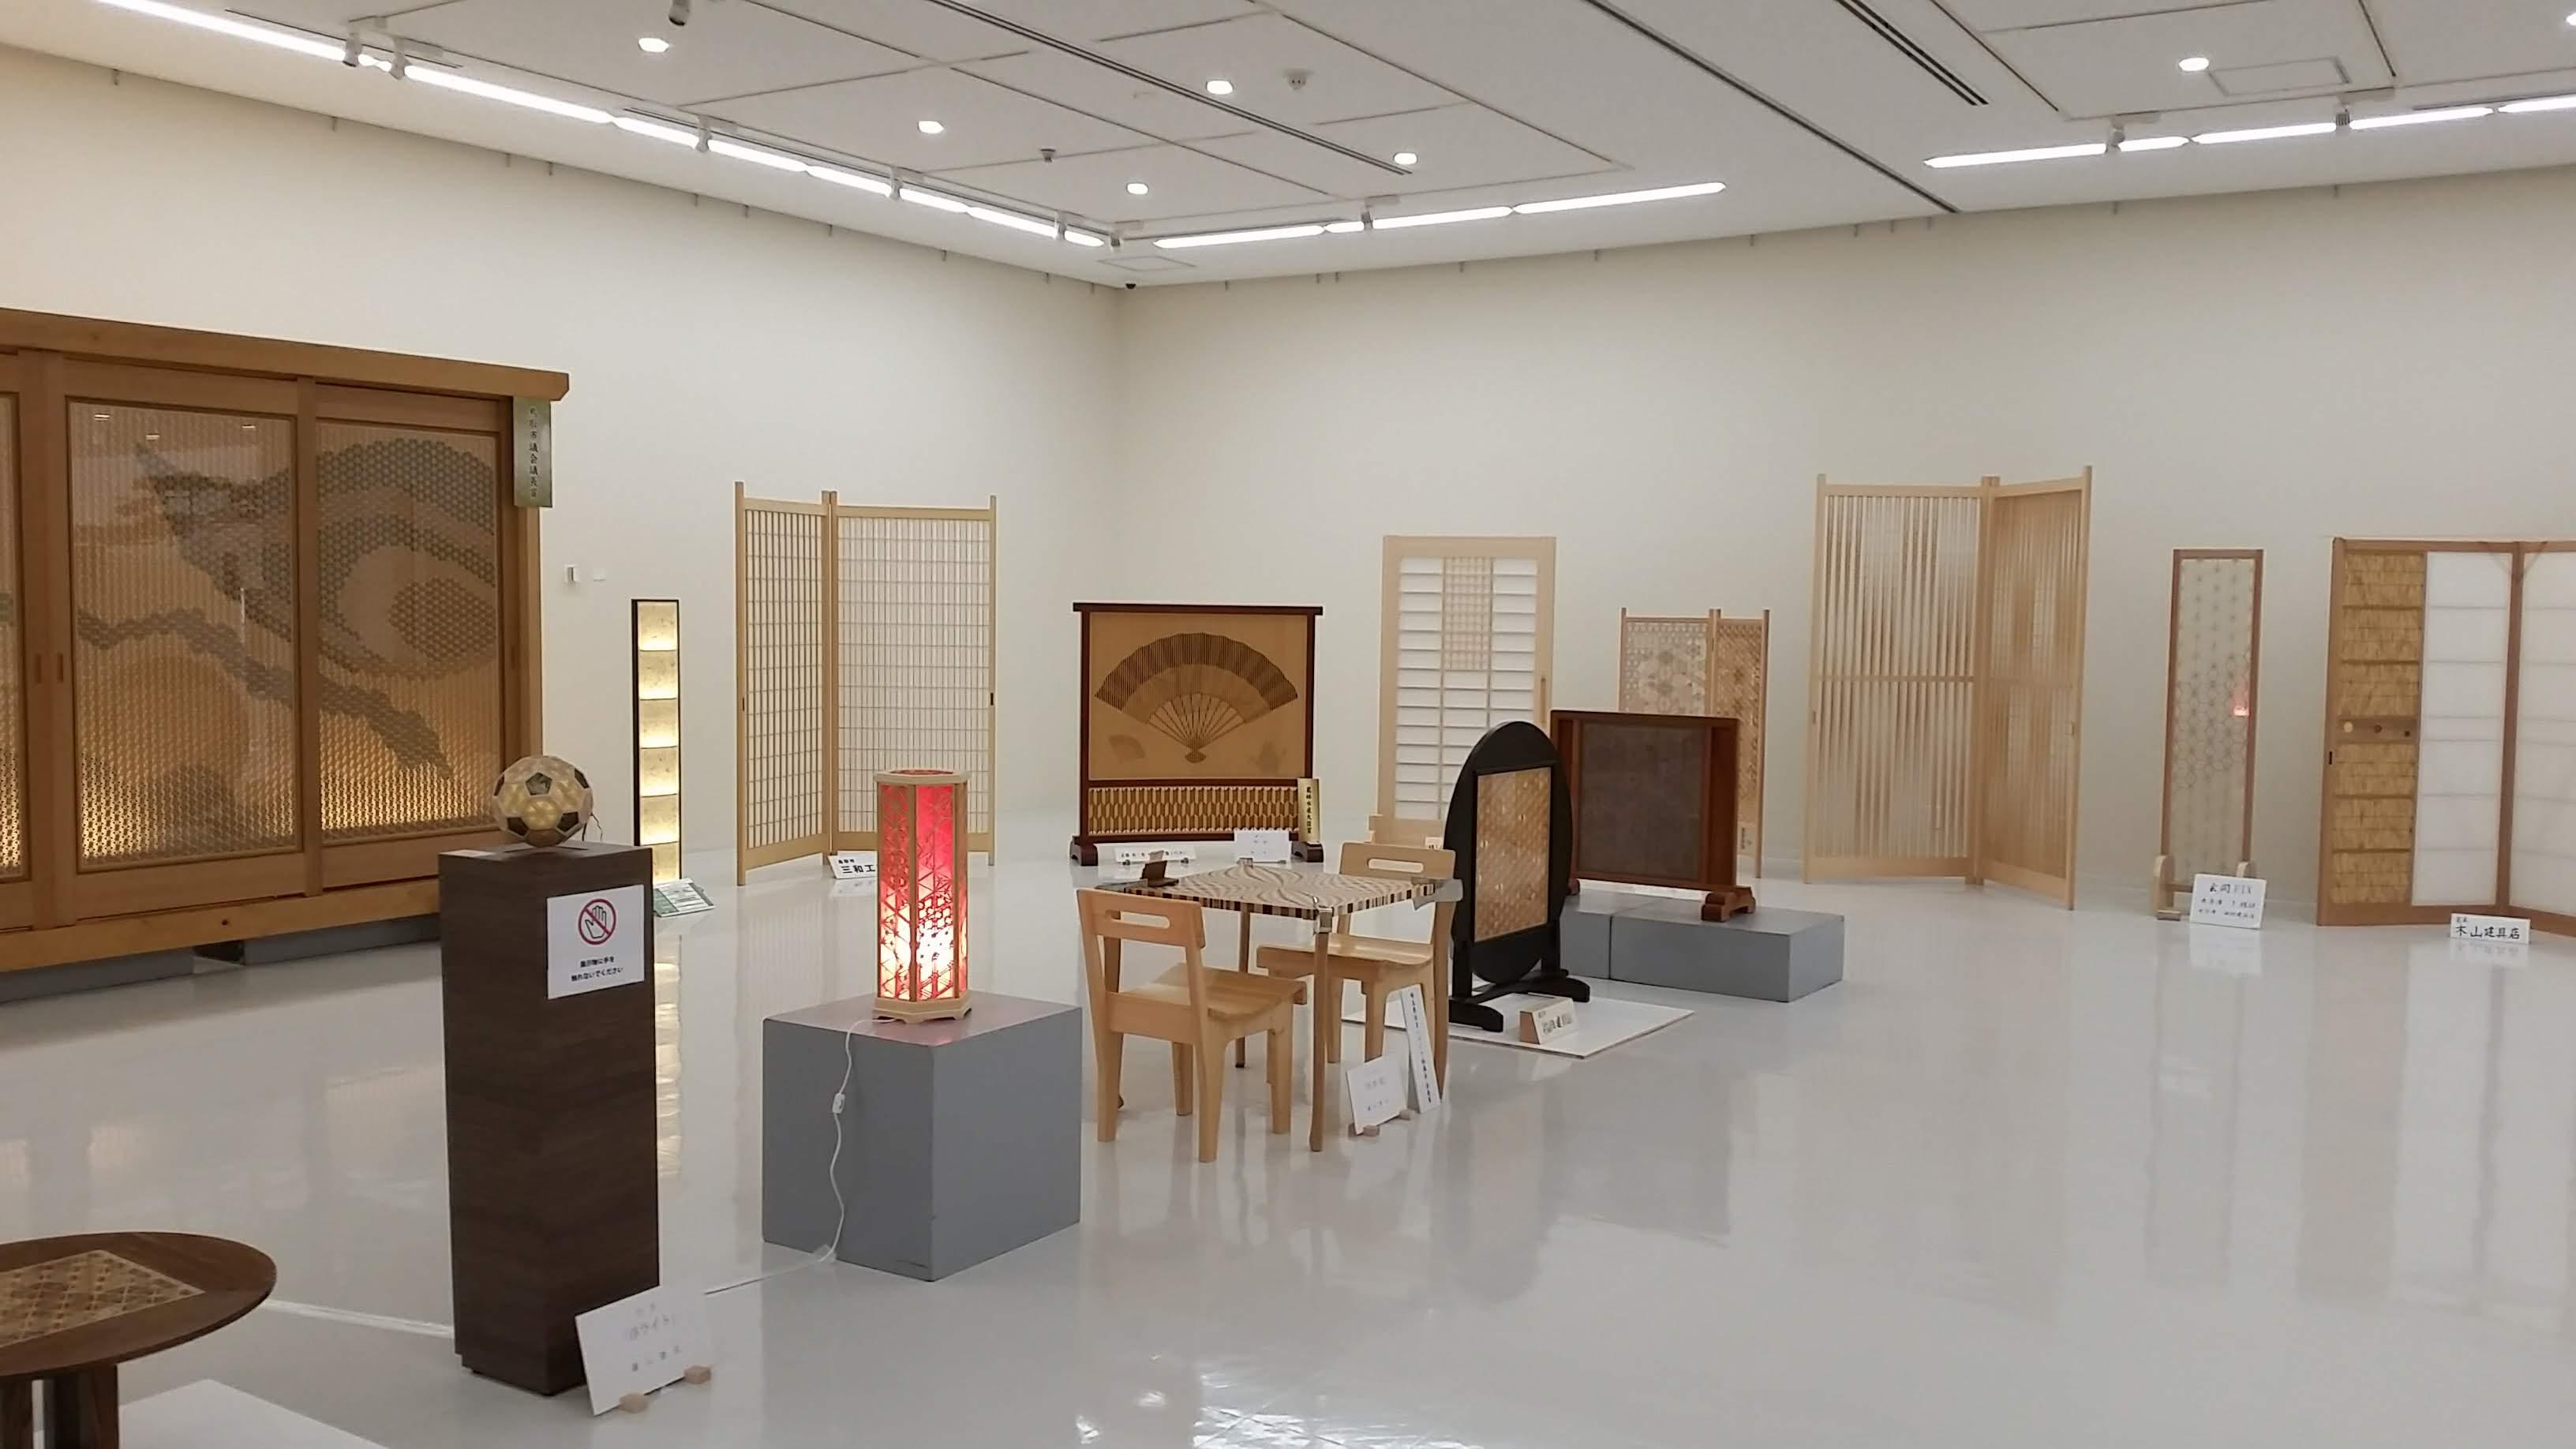 米子の木製建具ドア専門店 (株)ドアーズ